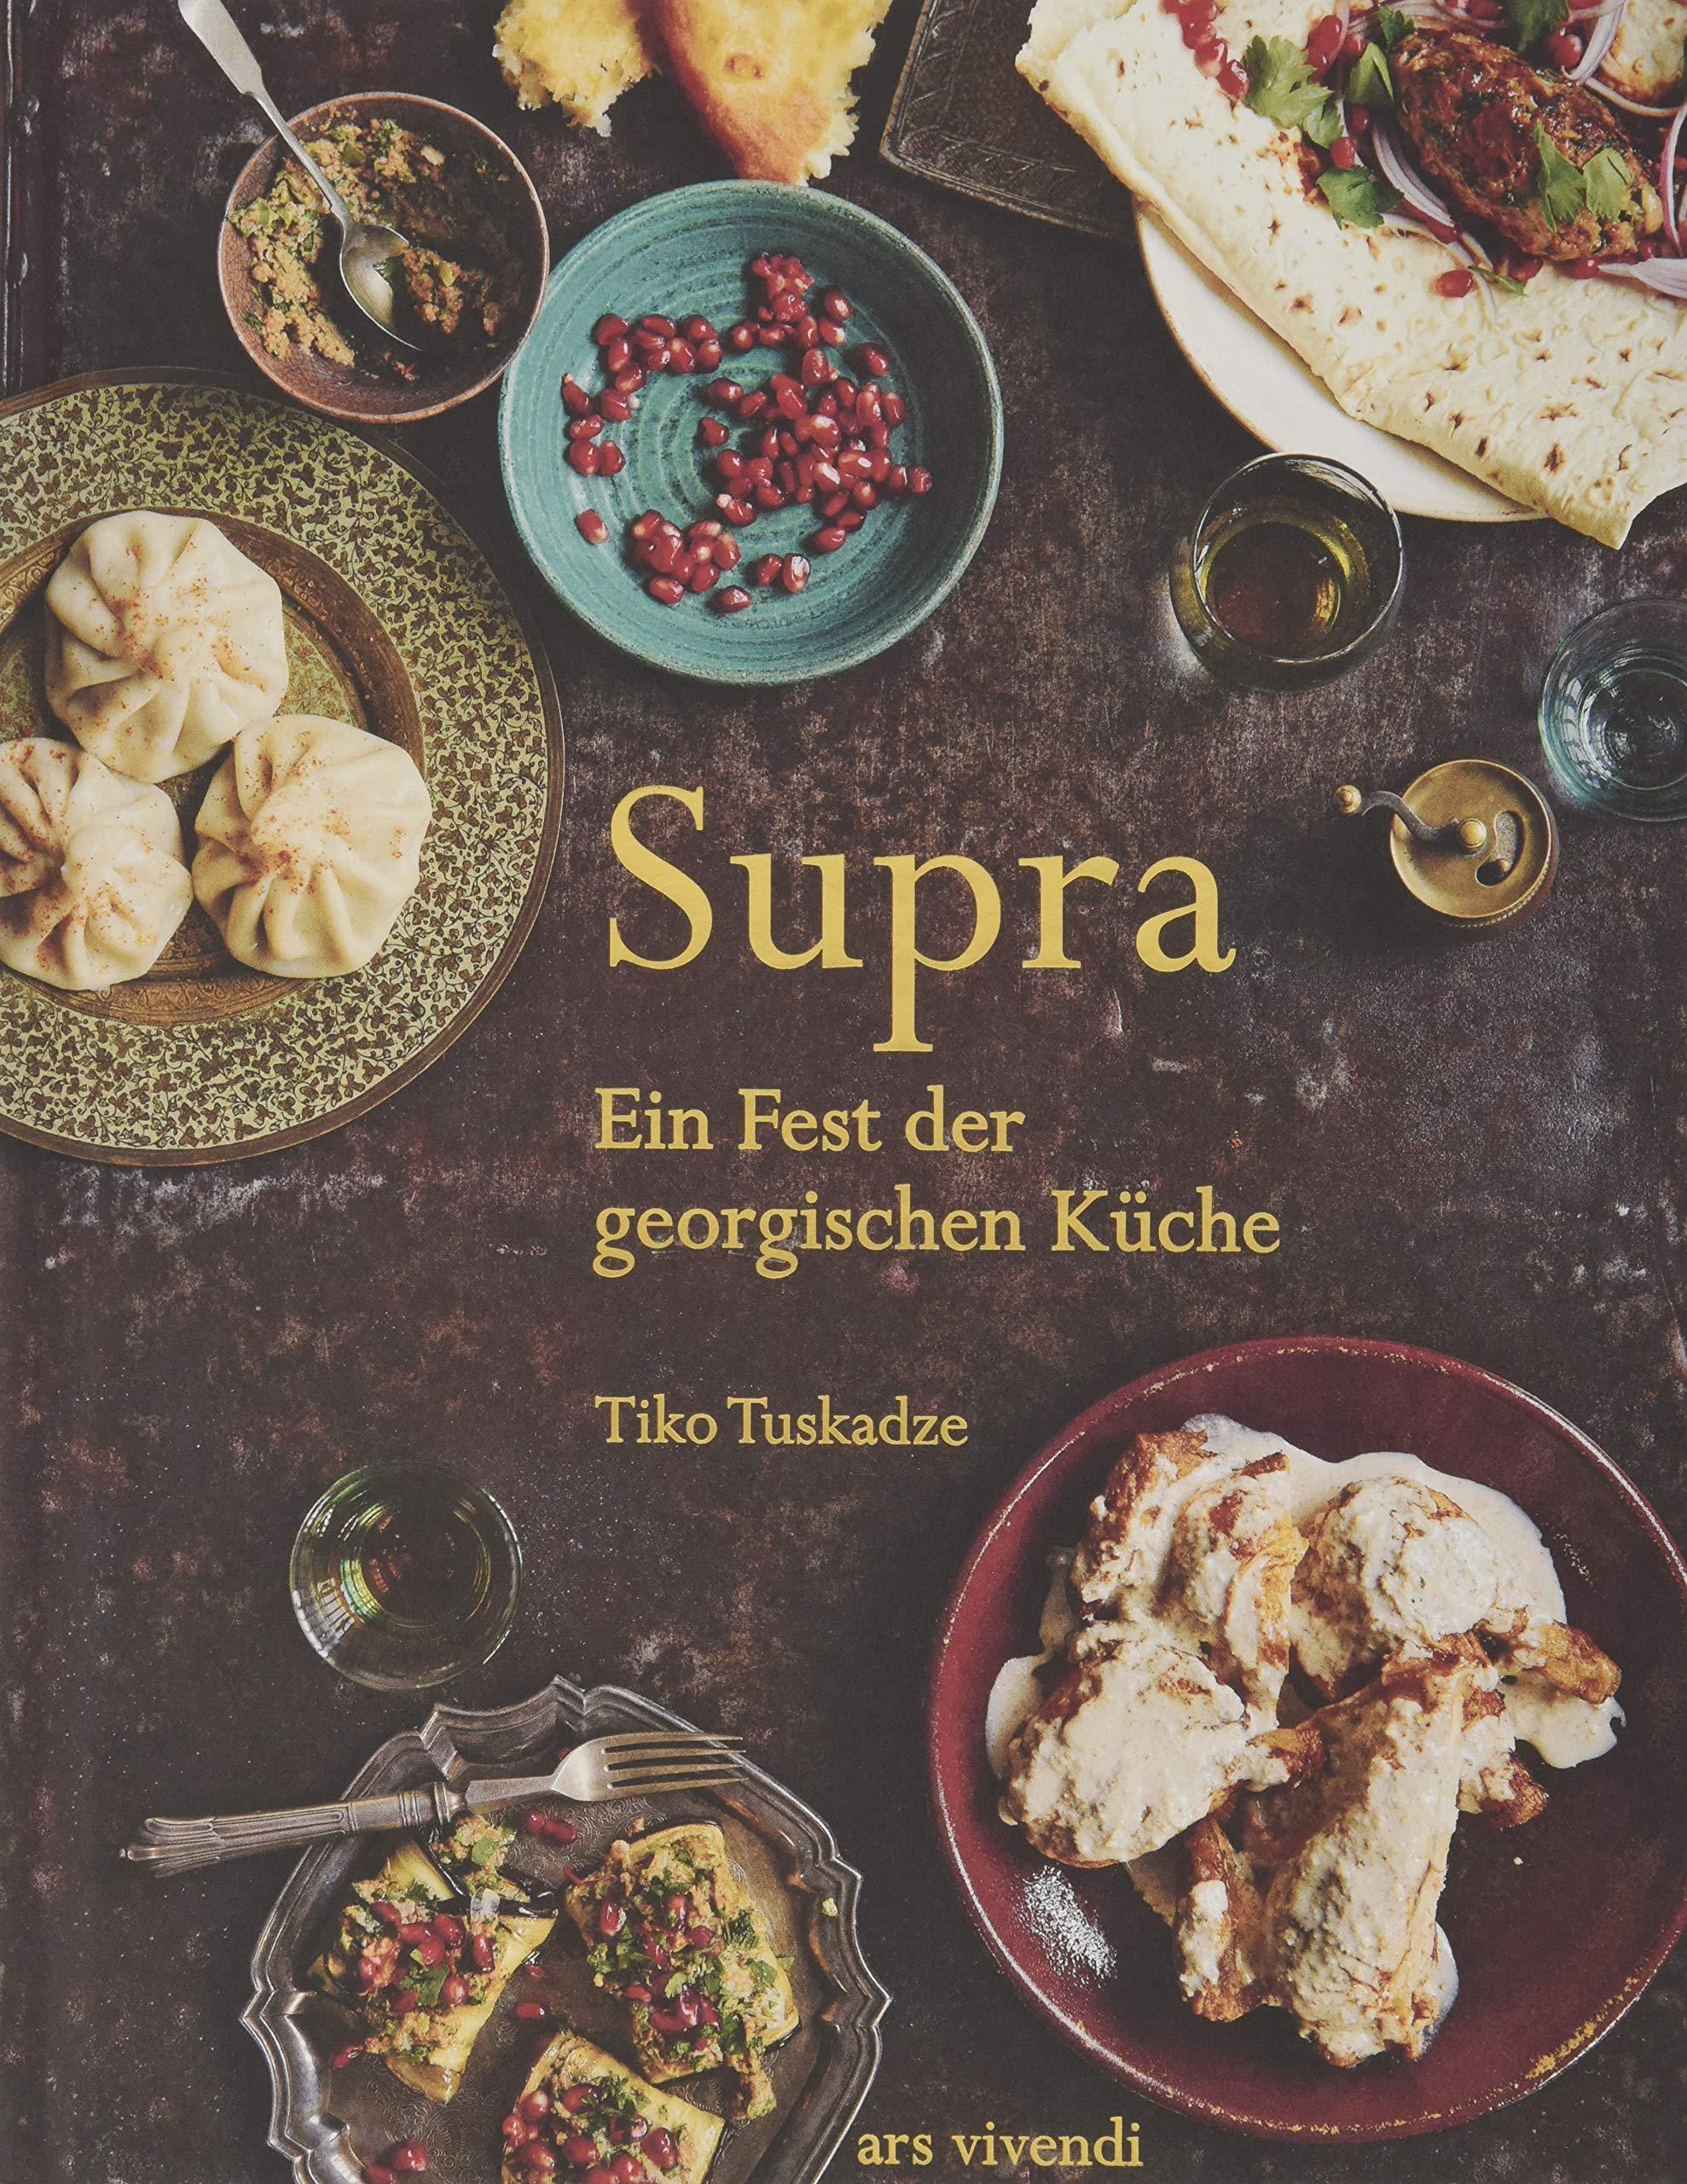 Supra - Ein Fest der georgischen Küche - Kochbuch Georgien ...